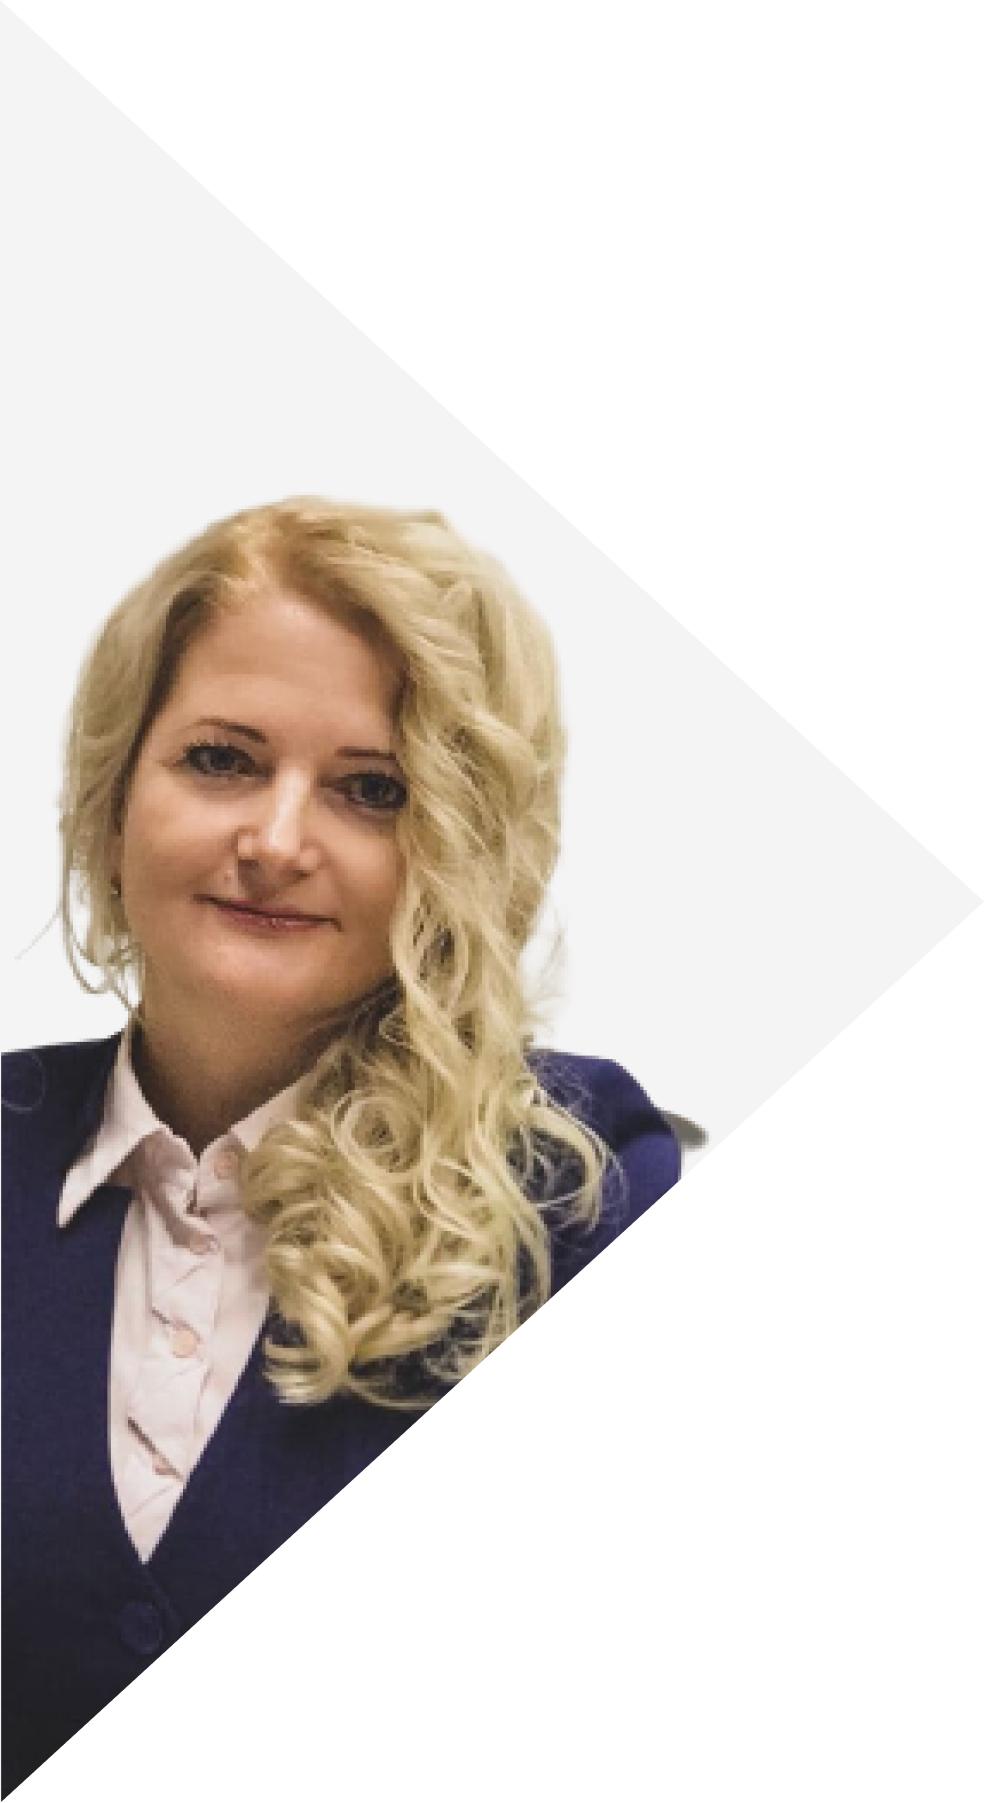 Сидоркова Алиса Марксовна